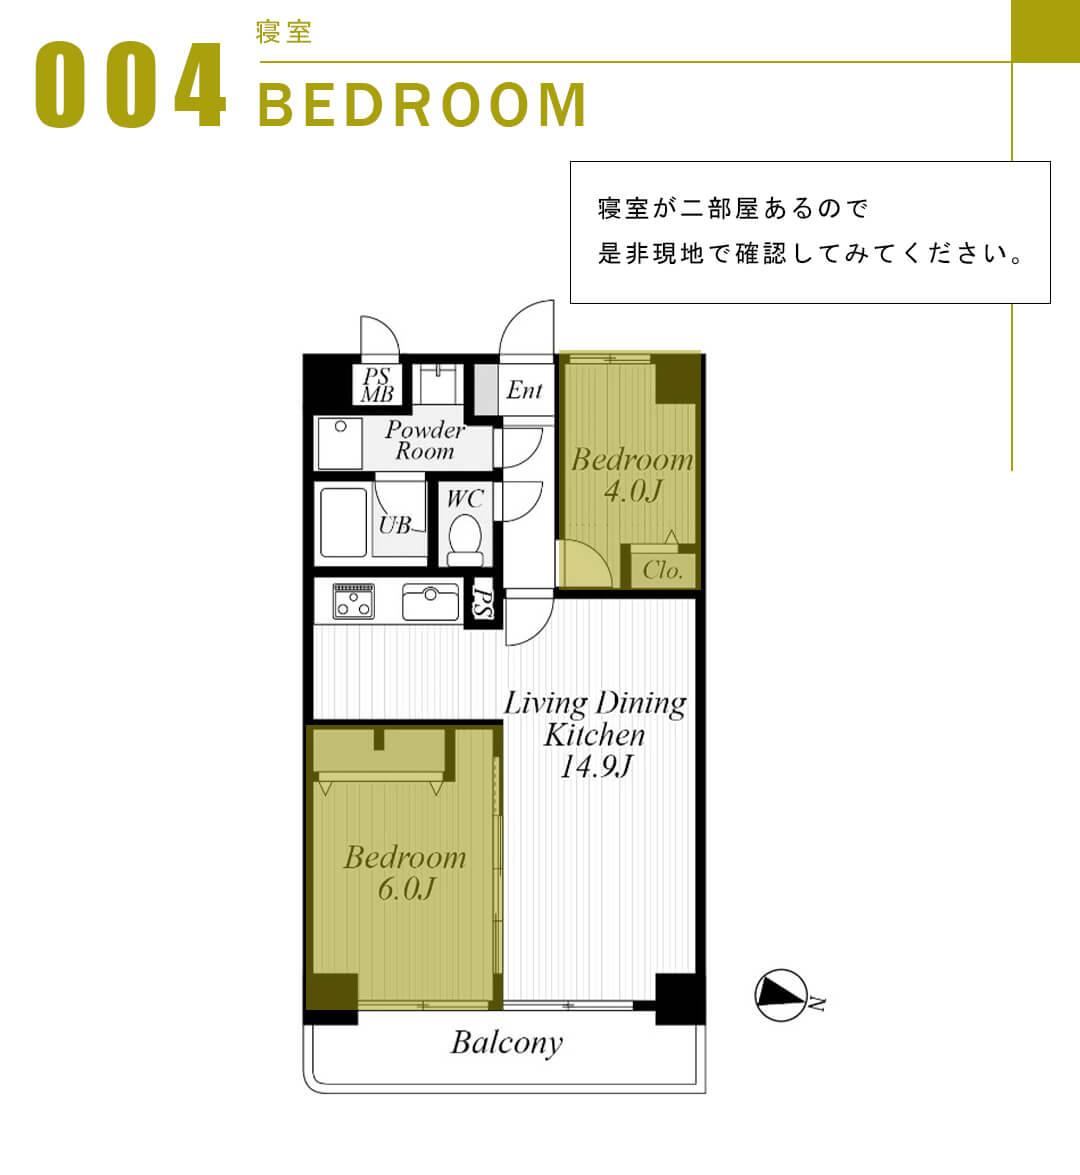 004寝室,BEDROOM